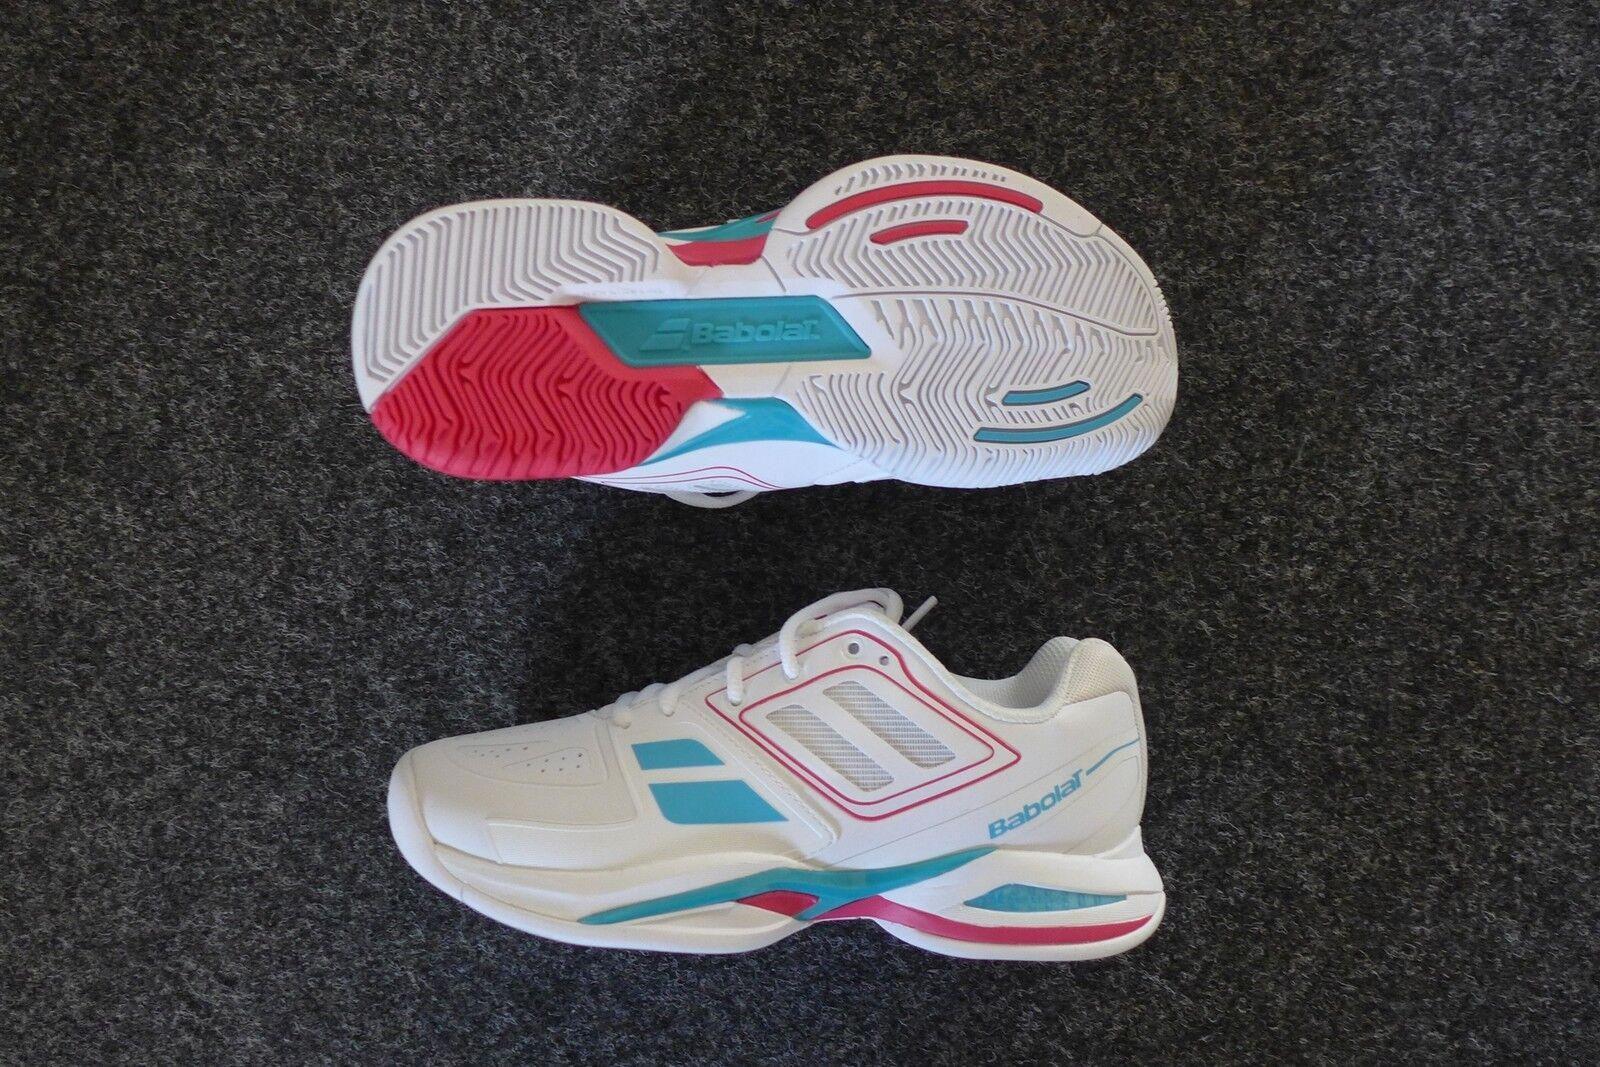 Babolat Propulse Team BPM Tennisschuhe Tennisschuhe Tennisschuhe Damen eeac95